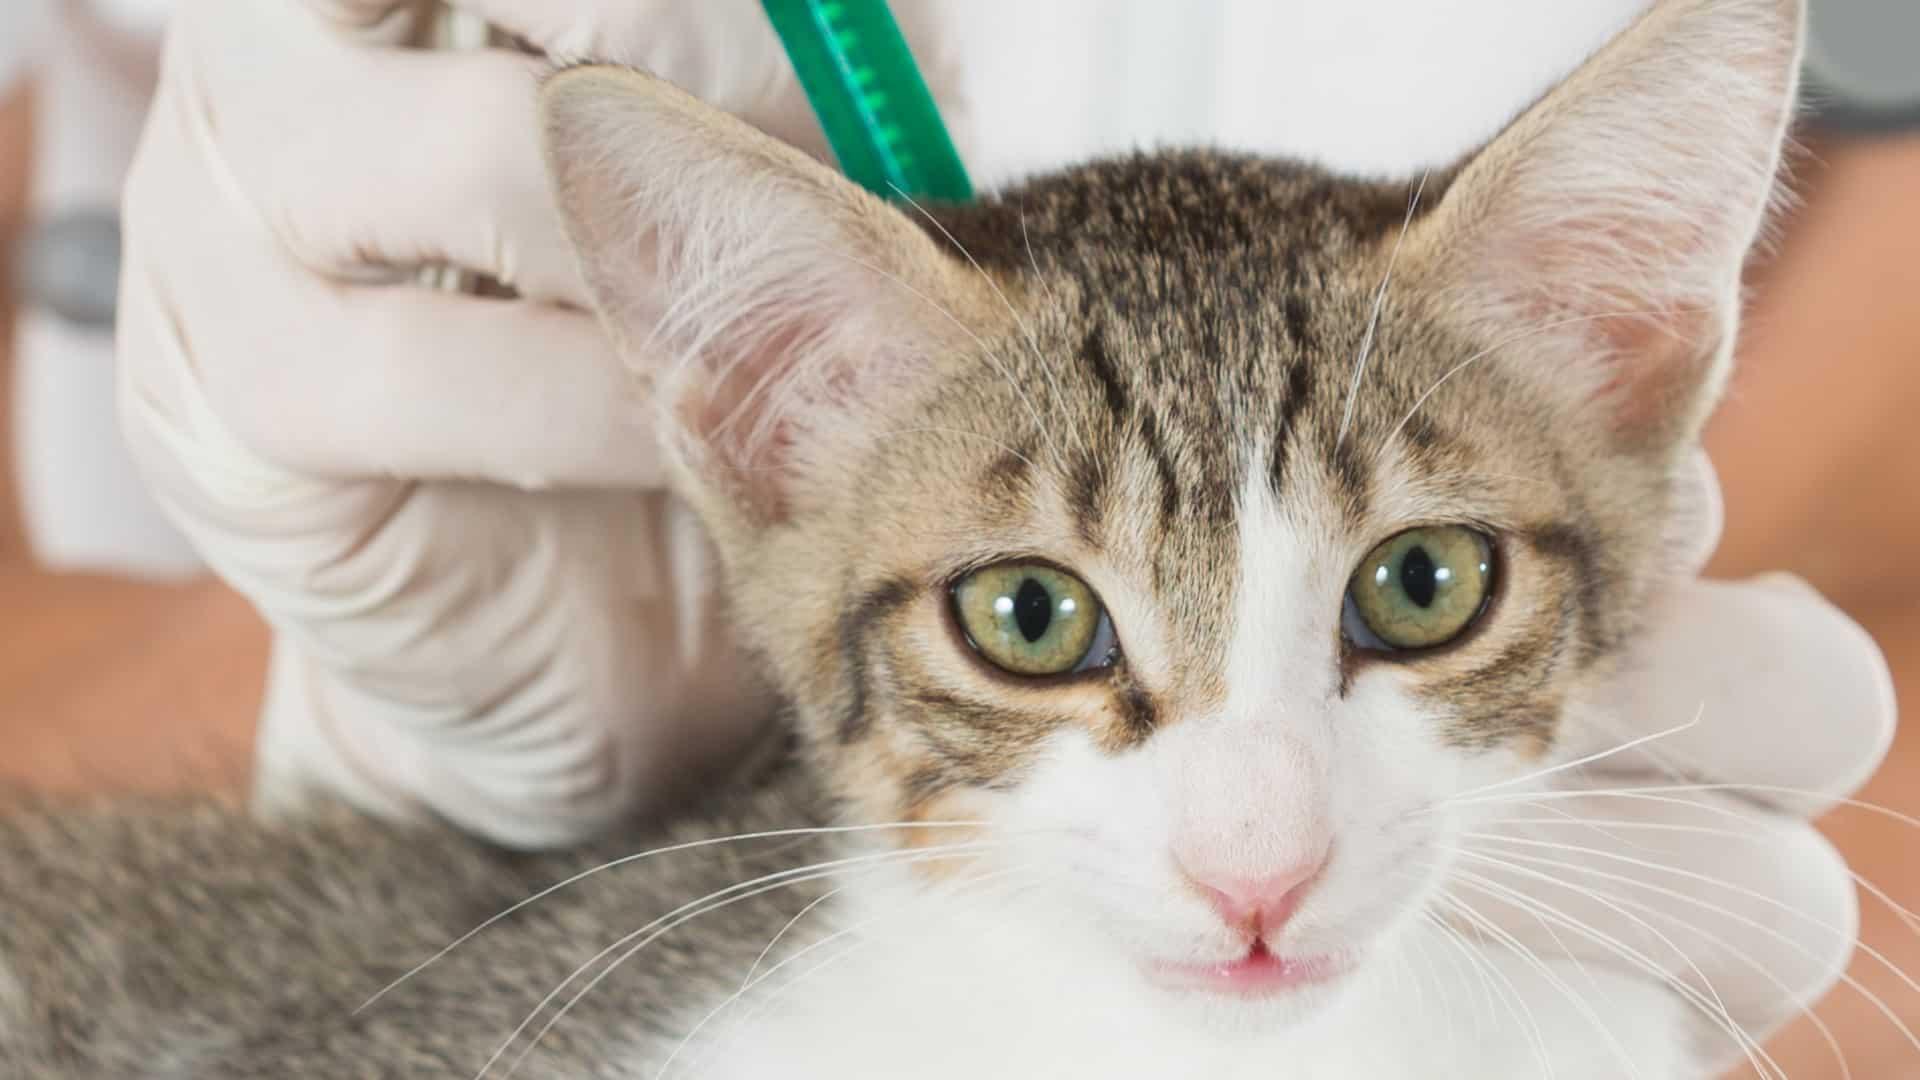 Migliori pipette antiparassitarie per gatti 2020: Guida all'acquisto